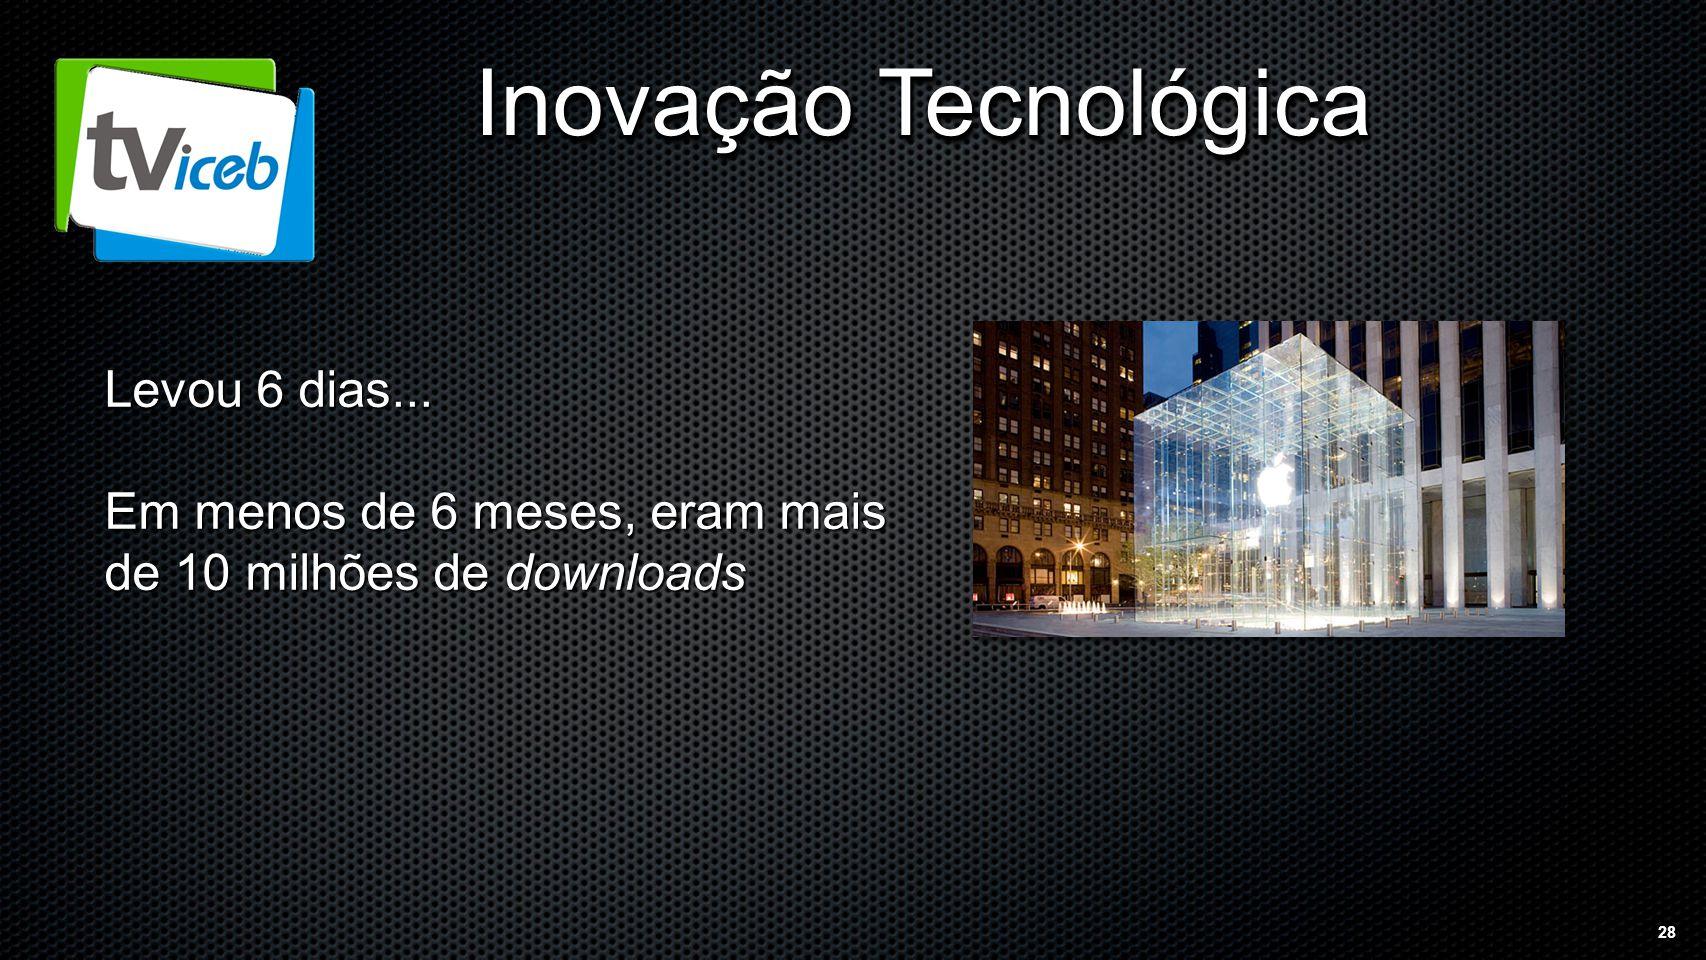 28 Inovação Tecnológica Levou 6 dias... Em menos de 6 meses, eram mais de 10 milhões de downloads